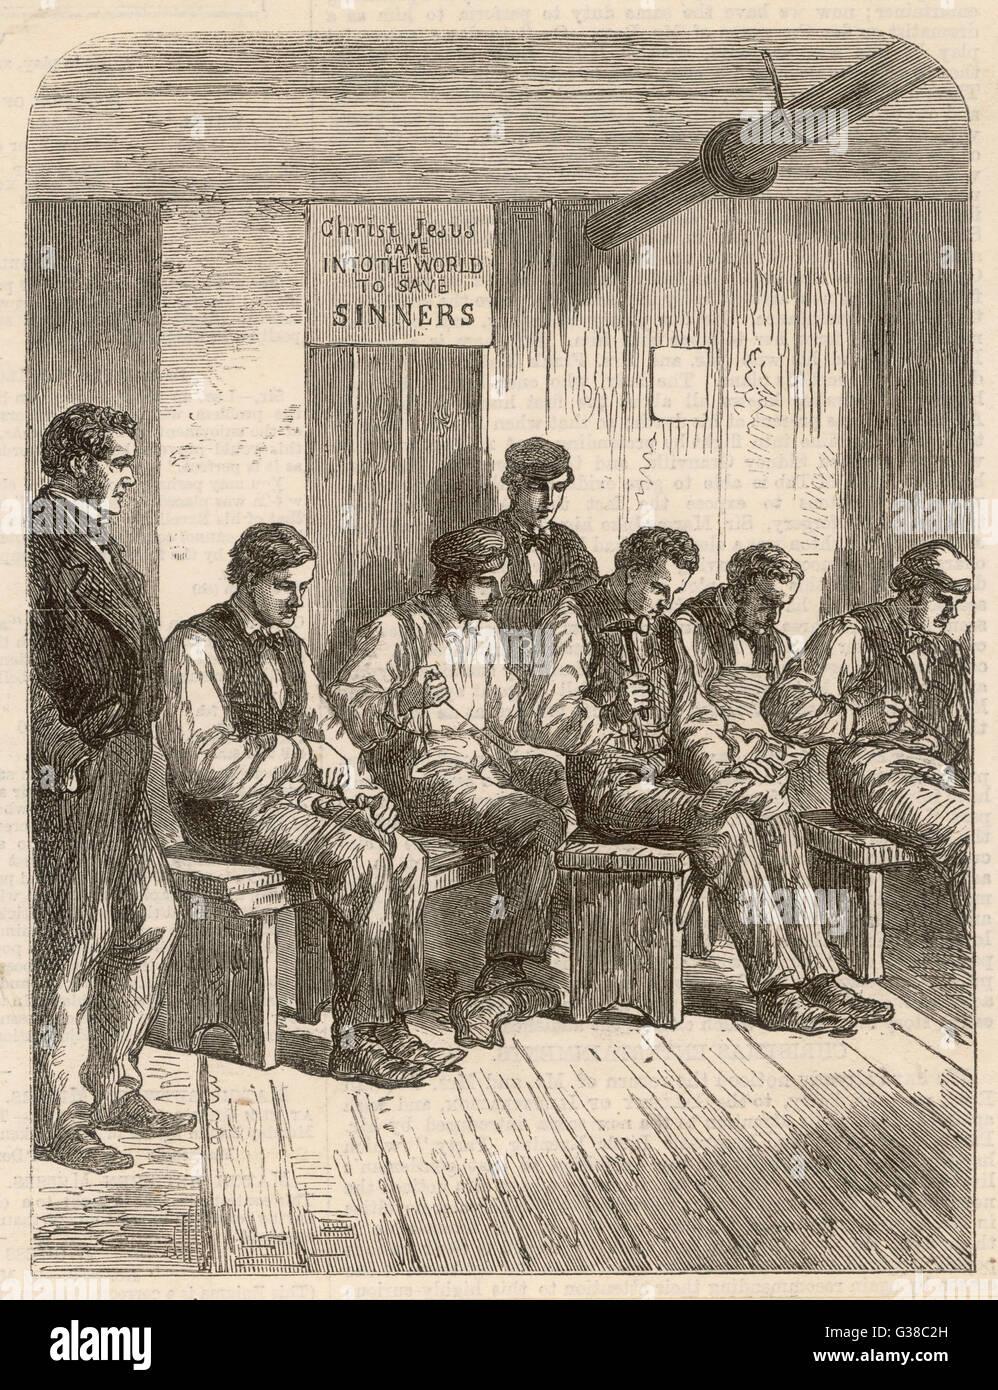 Istruzioni di calzatura in corrispondenza di una cattiva legge istituzione data: 1860 Immagini Stock